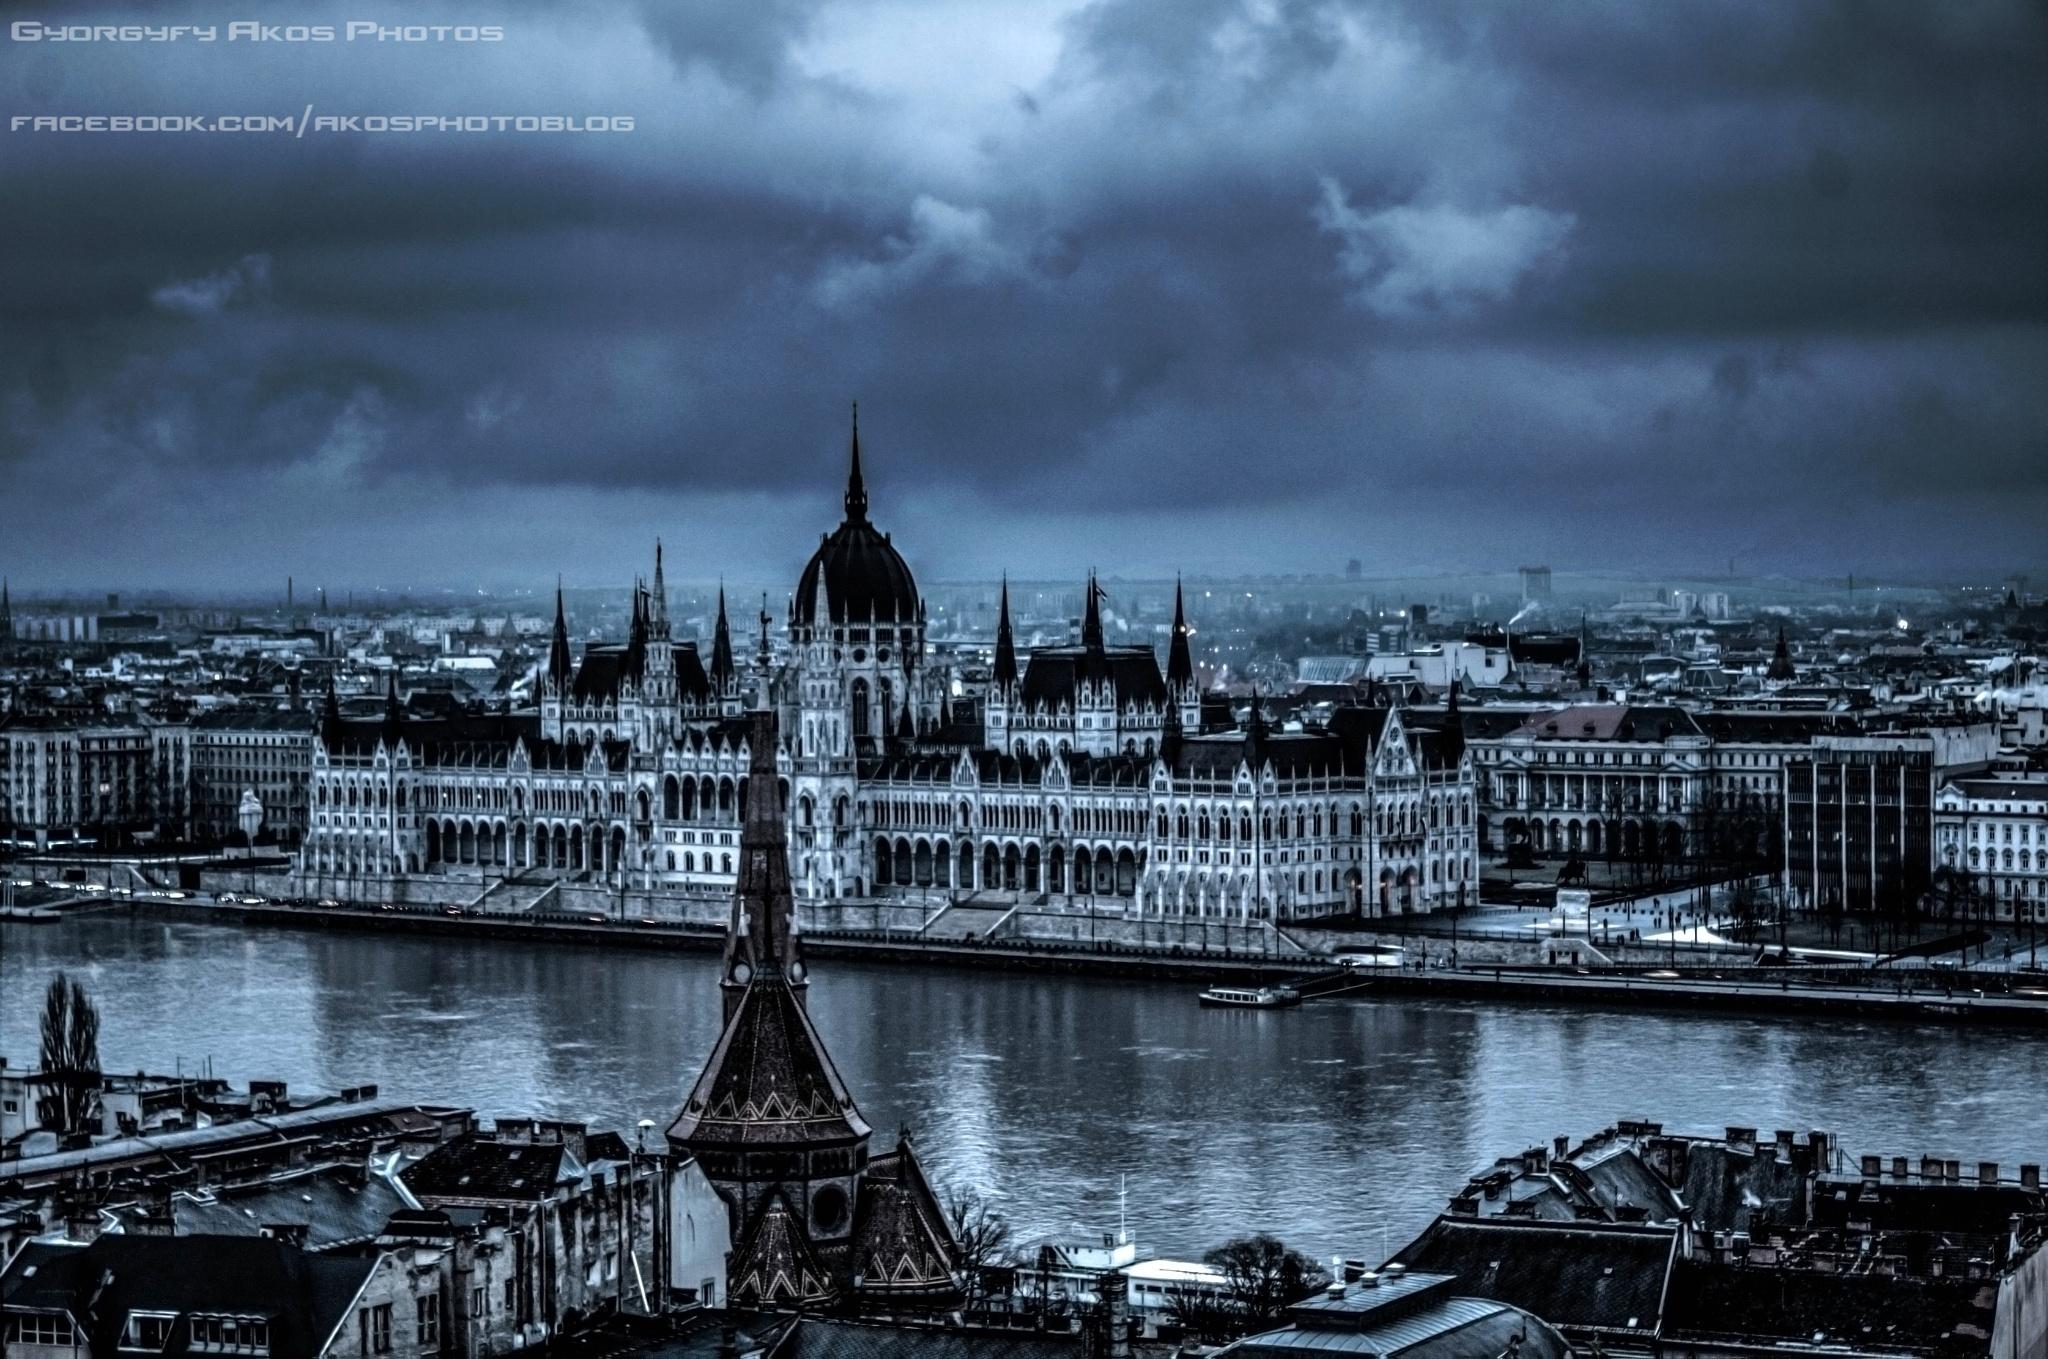 Budapest at storm by Györgyfy Ákos